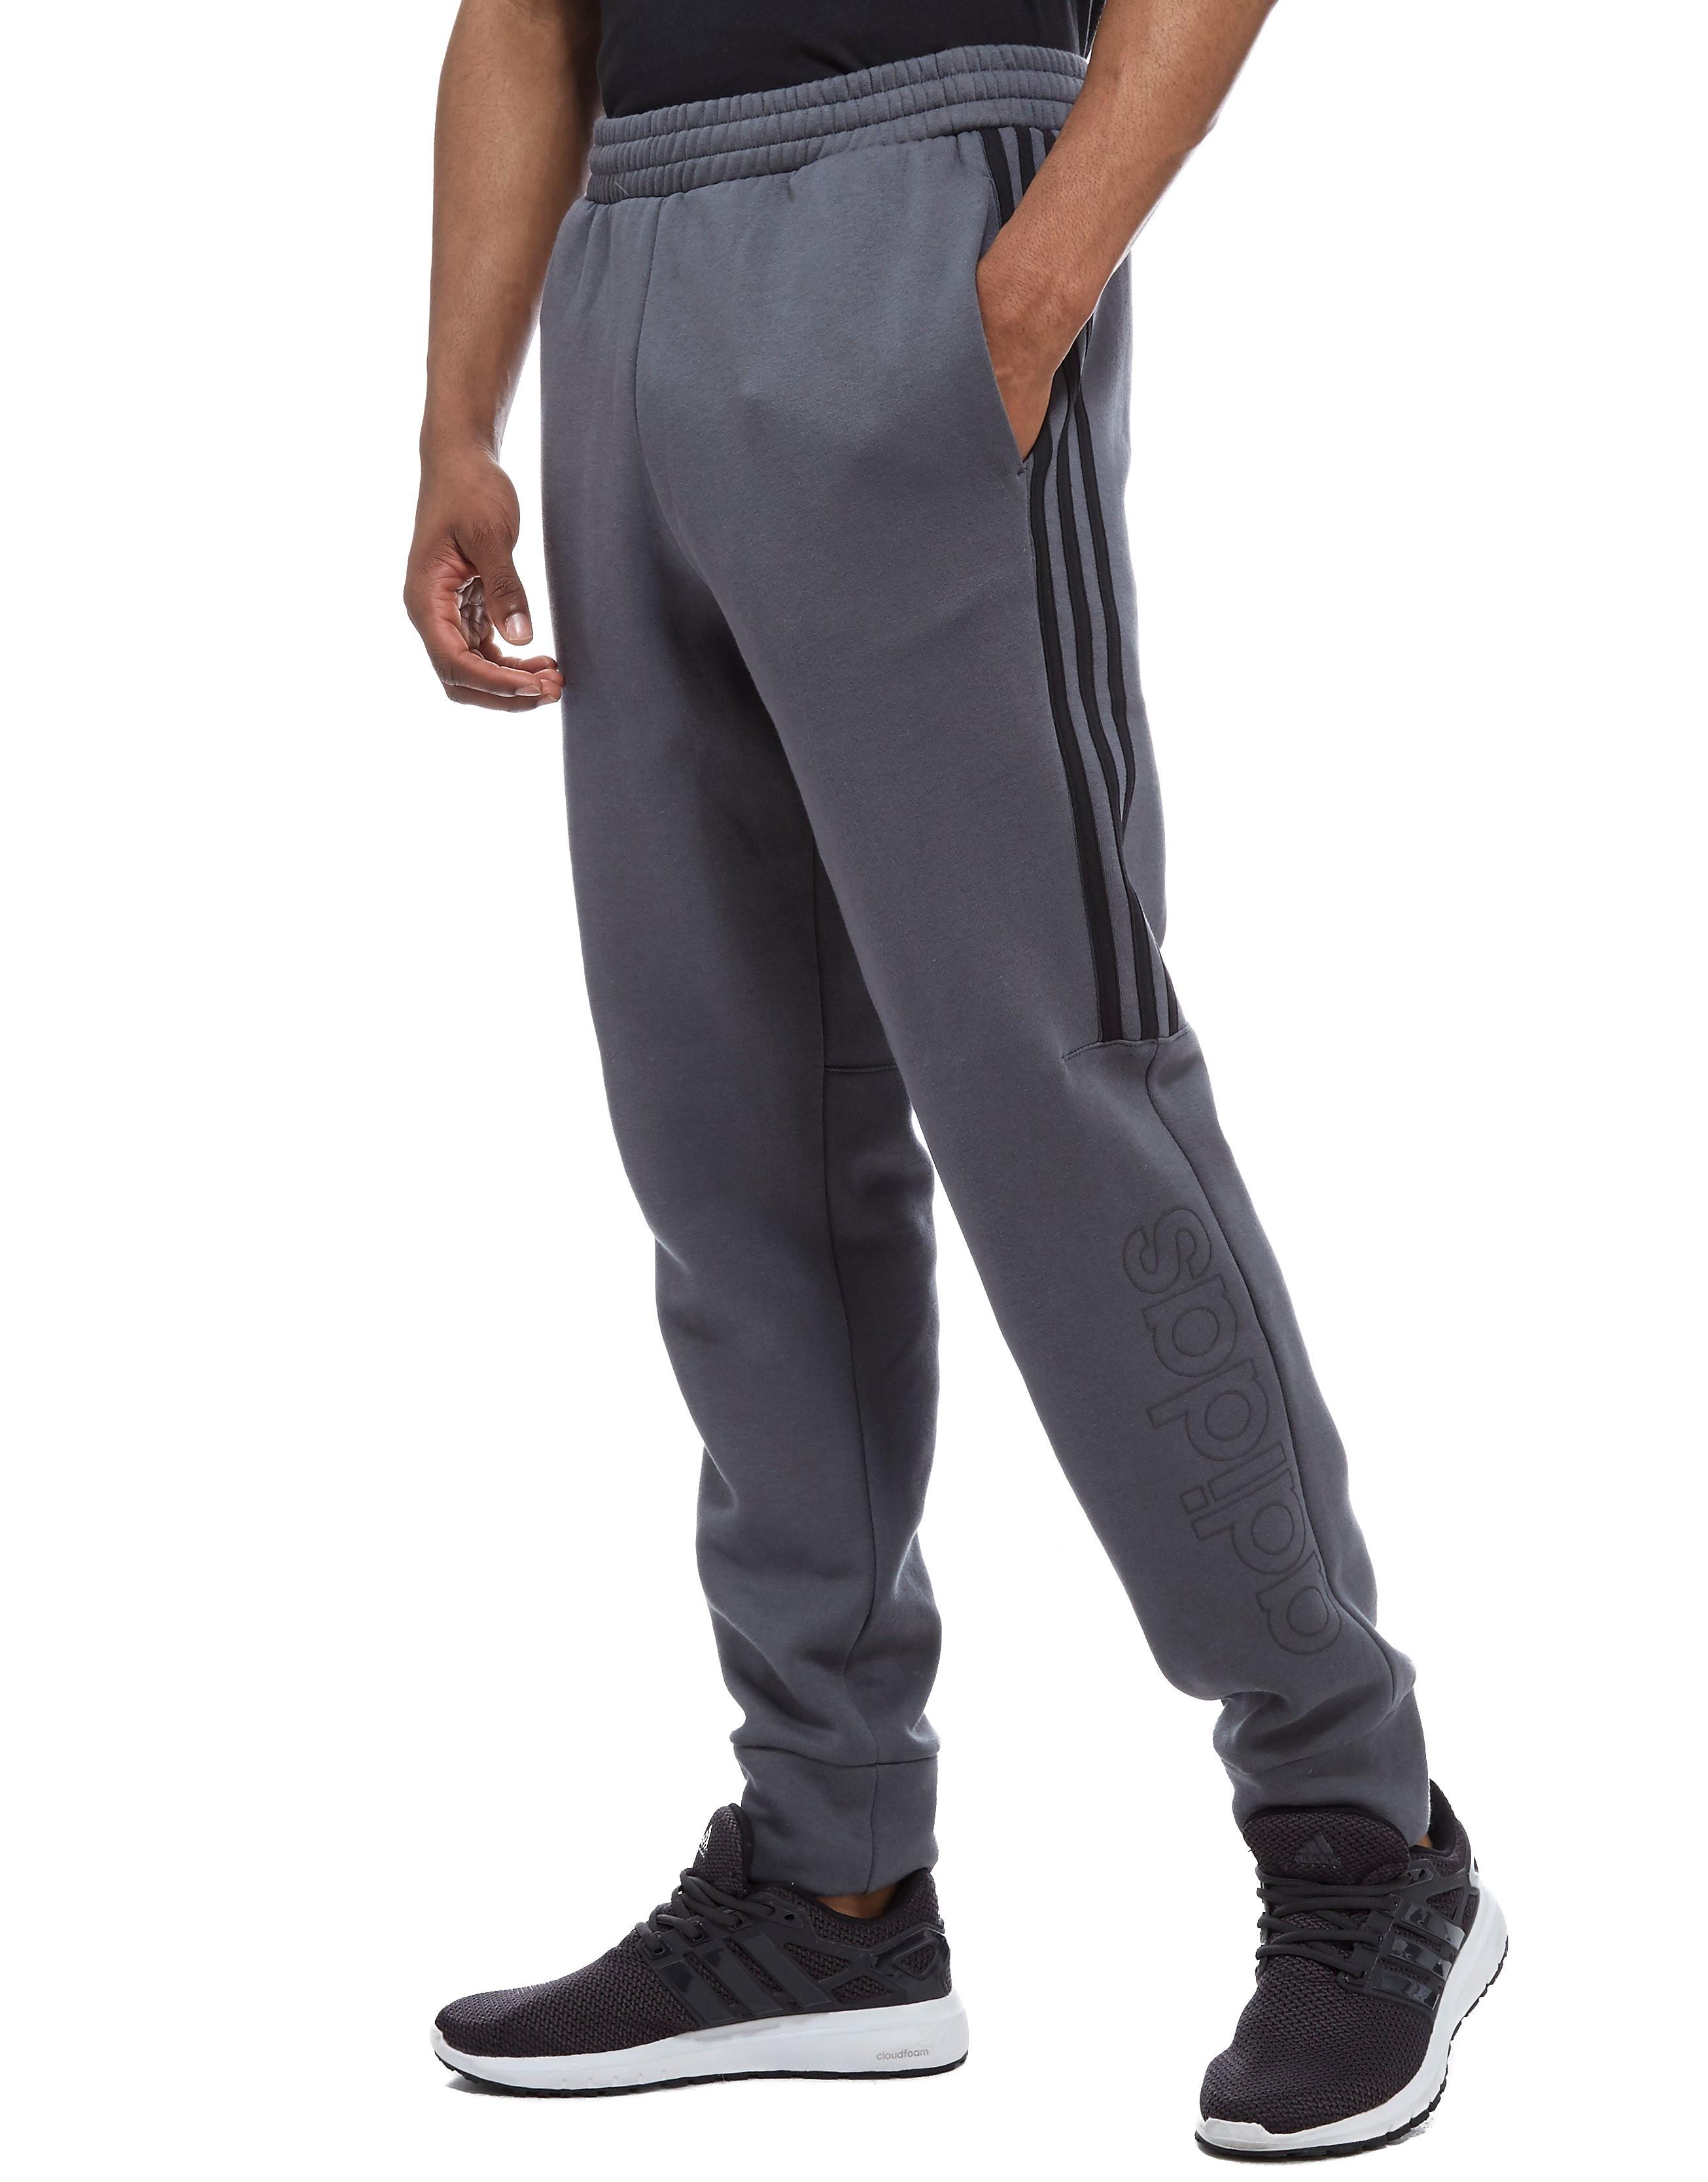 adidas Pantalon Linear Fleece Homme - gris/noir, gris/noir